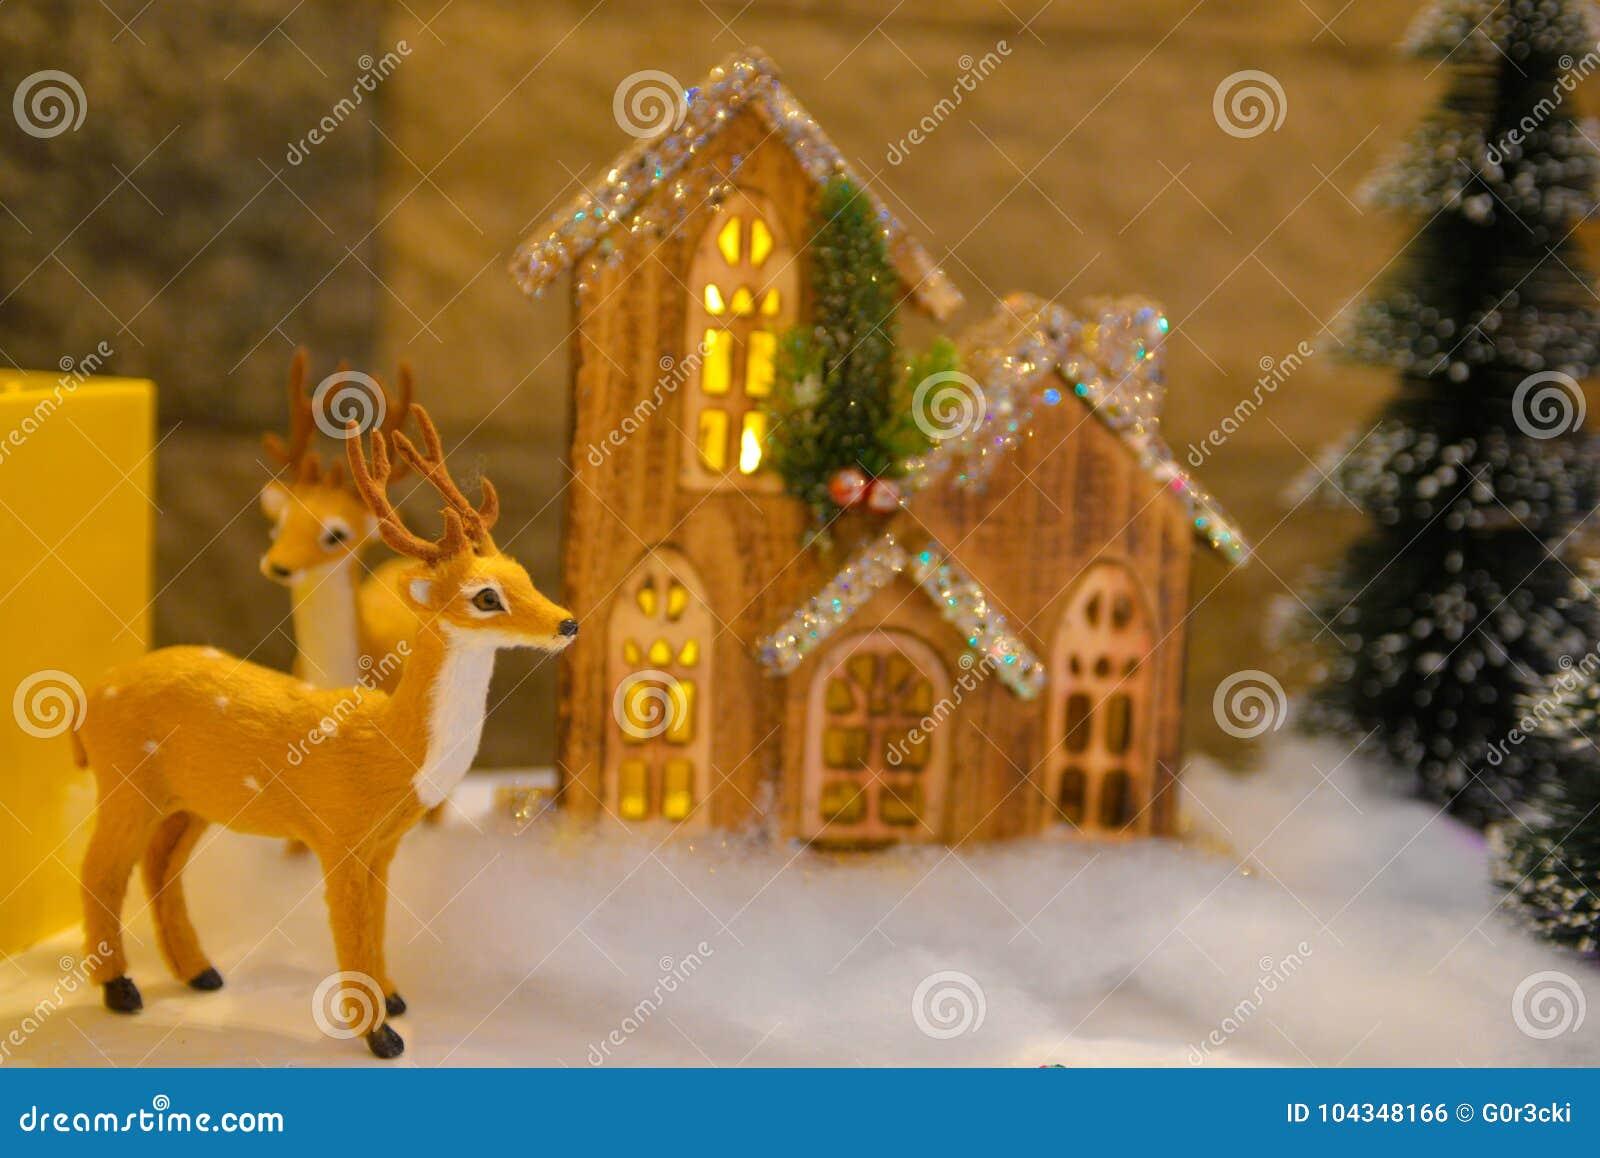 Décorations de Noël, renne pelucheux, cottage en bois et allumé minuscule